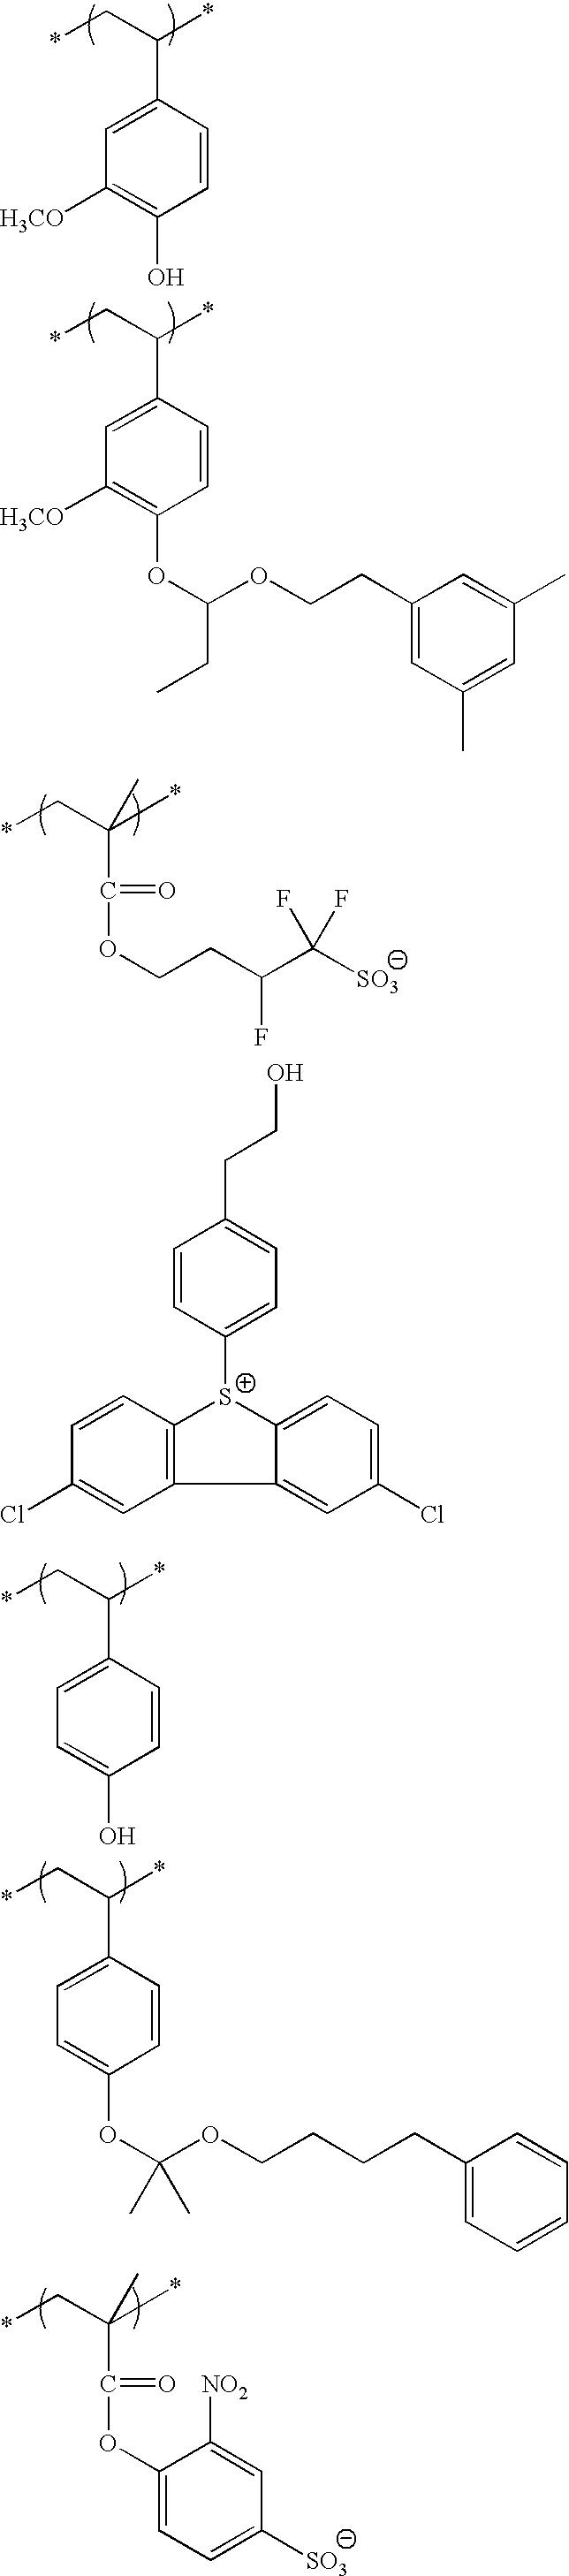 Figure US20100183975A1-20100722-C00159